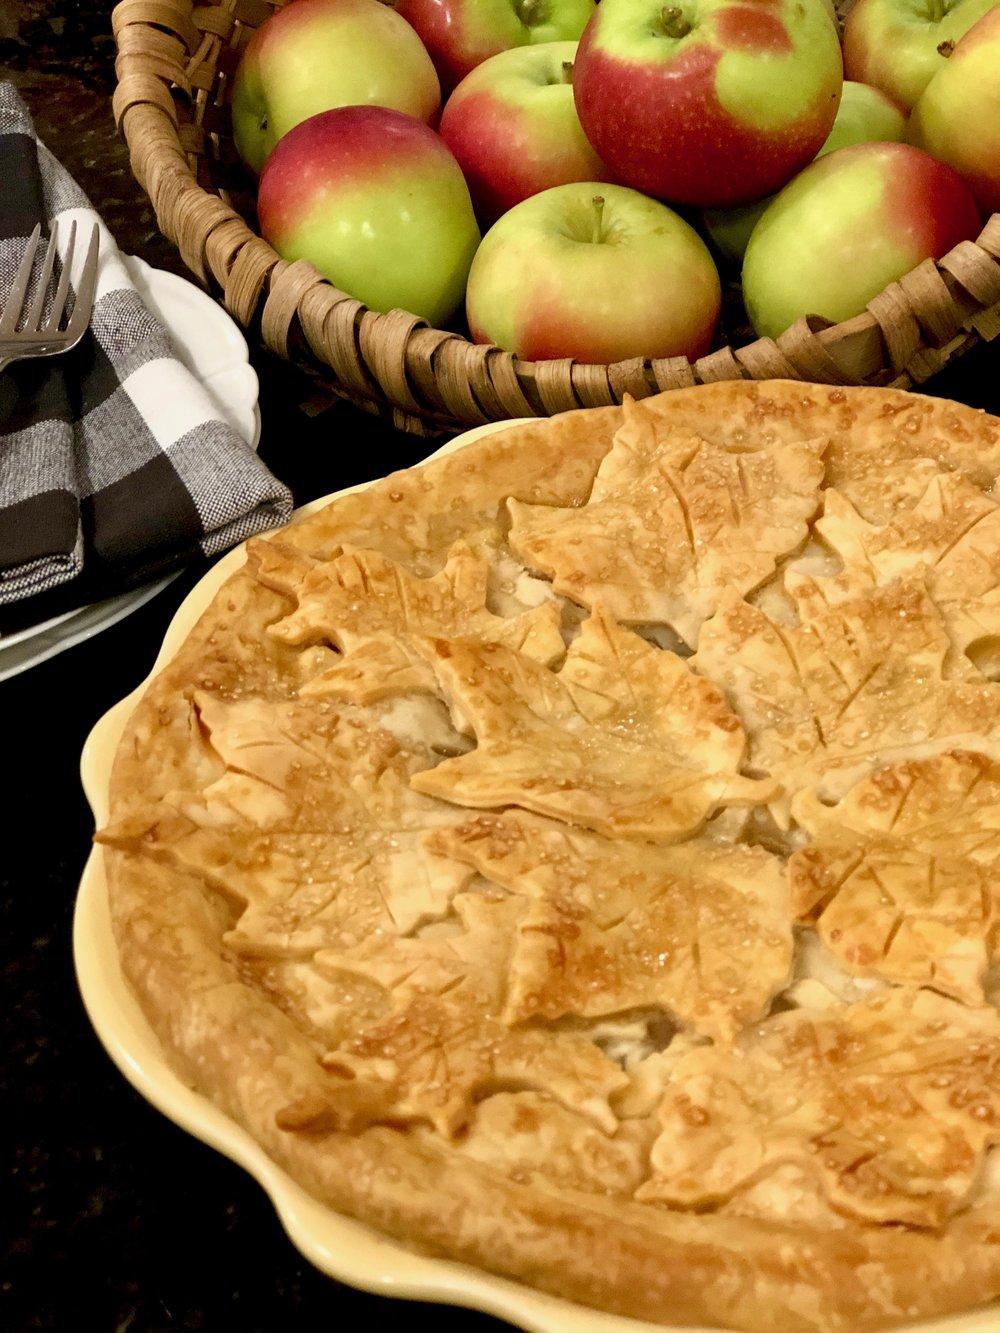 vanilla sugar on an apple pie